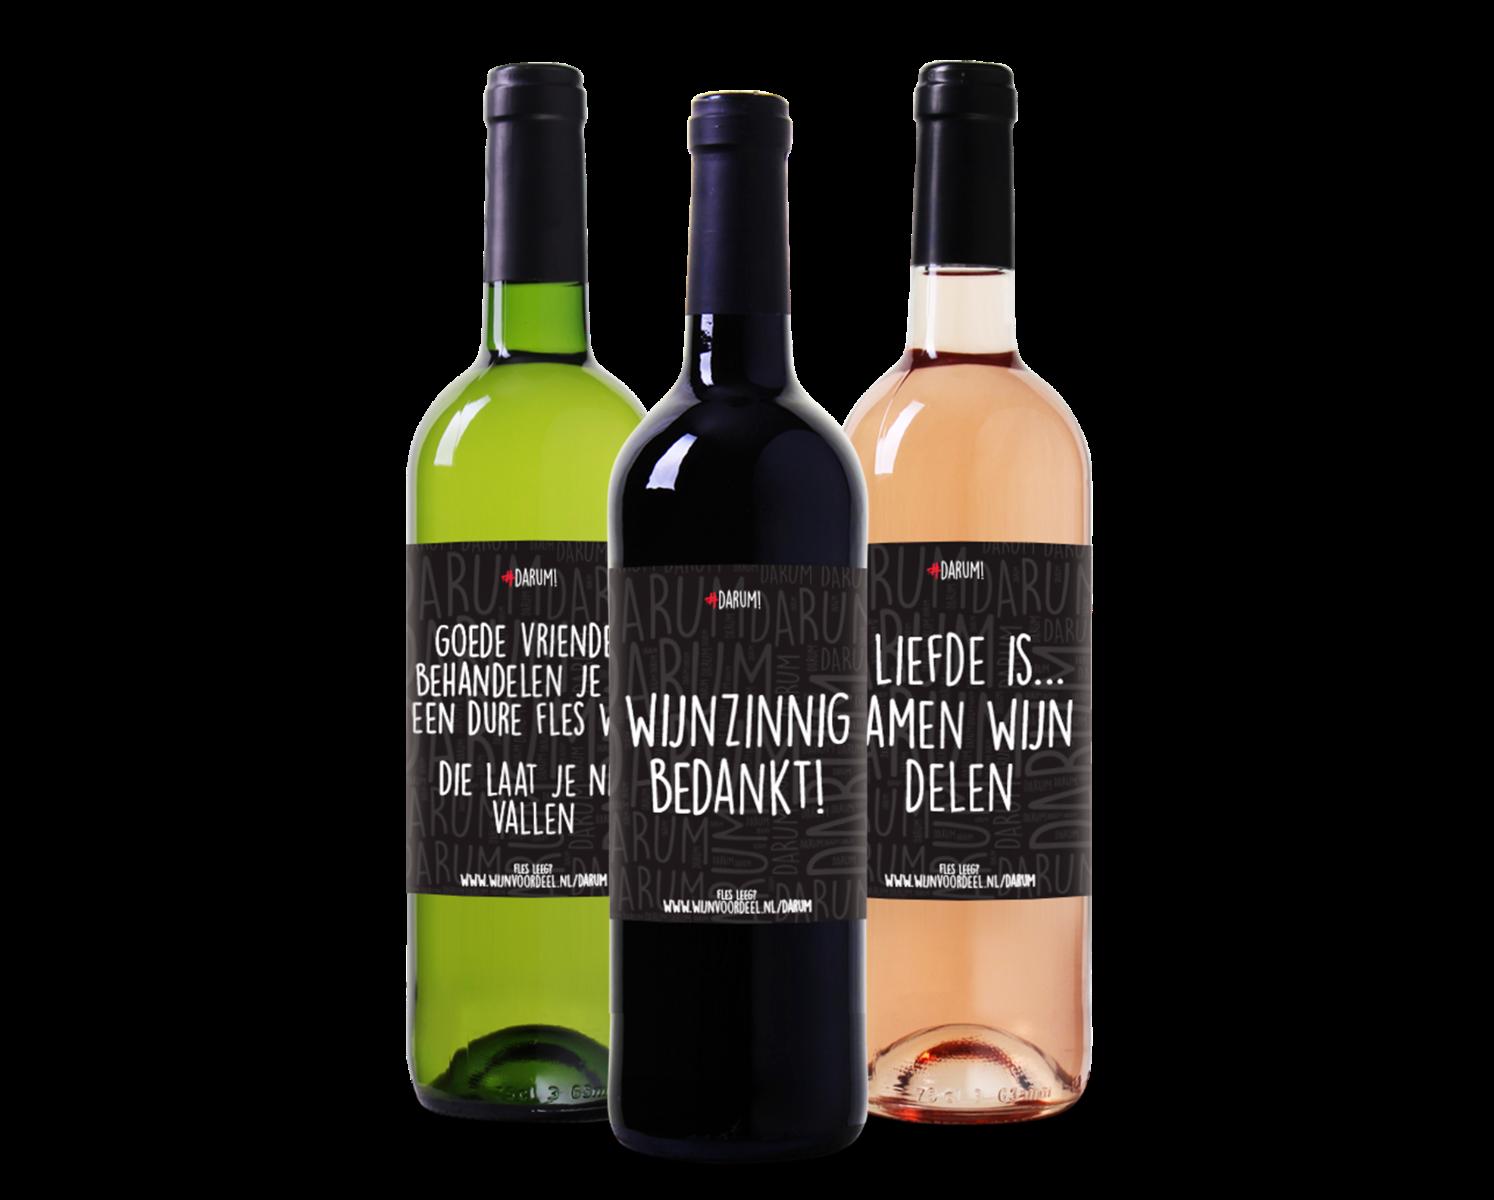 Afbeelding van #Darum Wijnpakket Mix